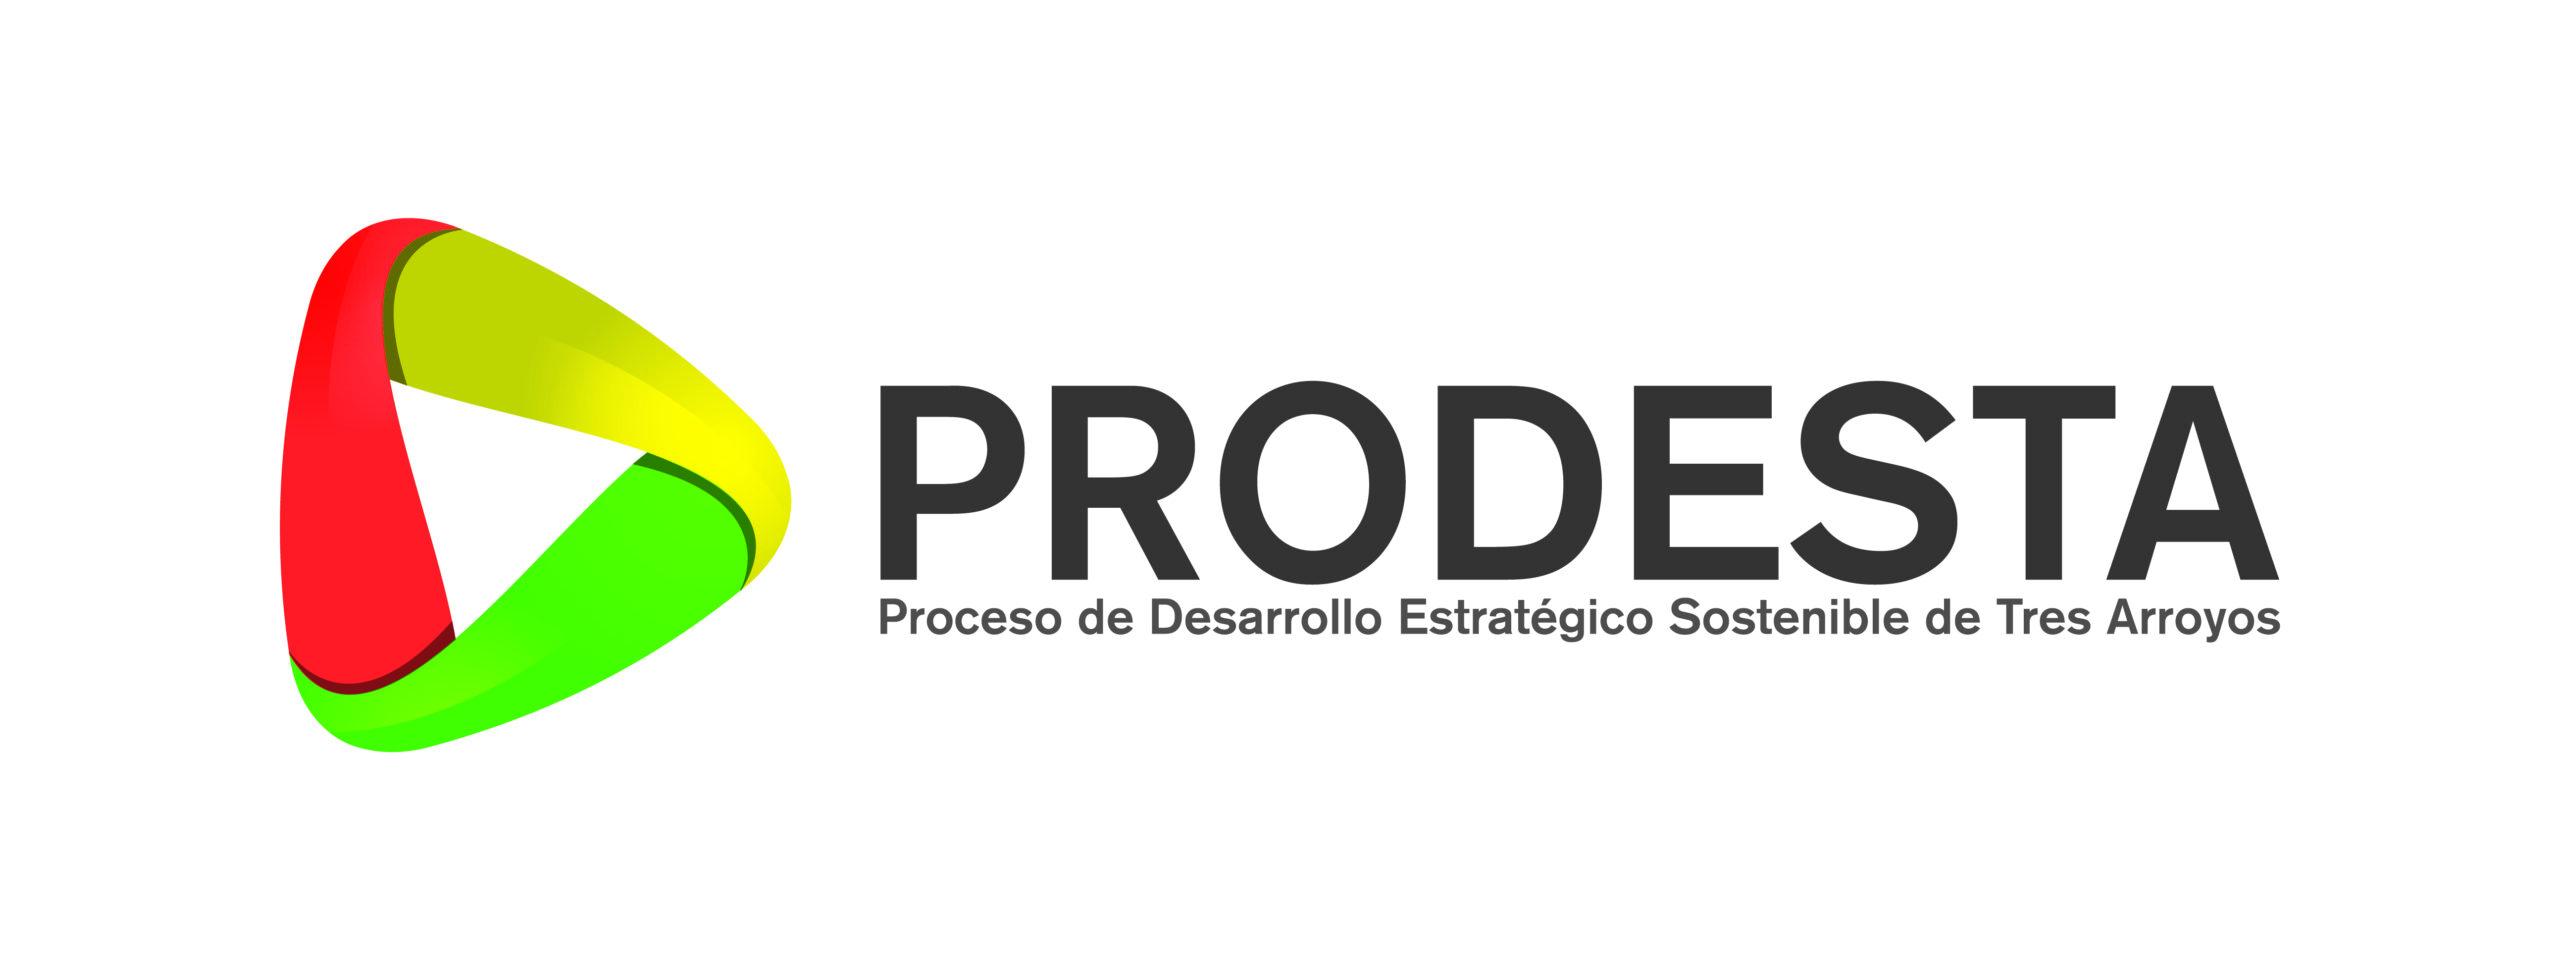 Primera Actualización General del PRODESTA